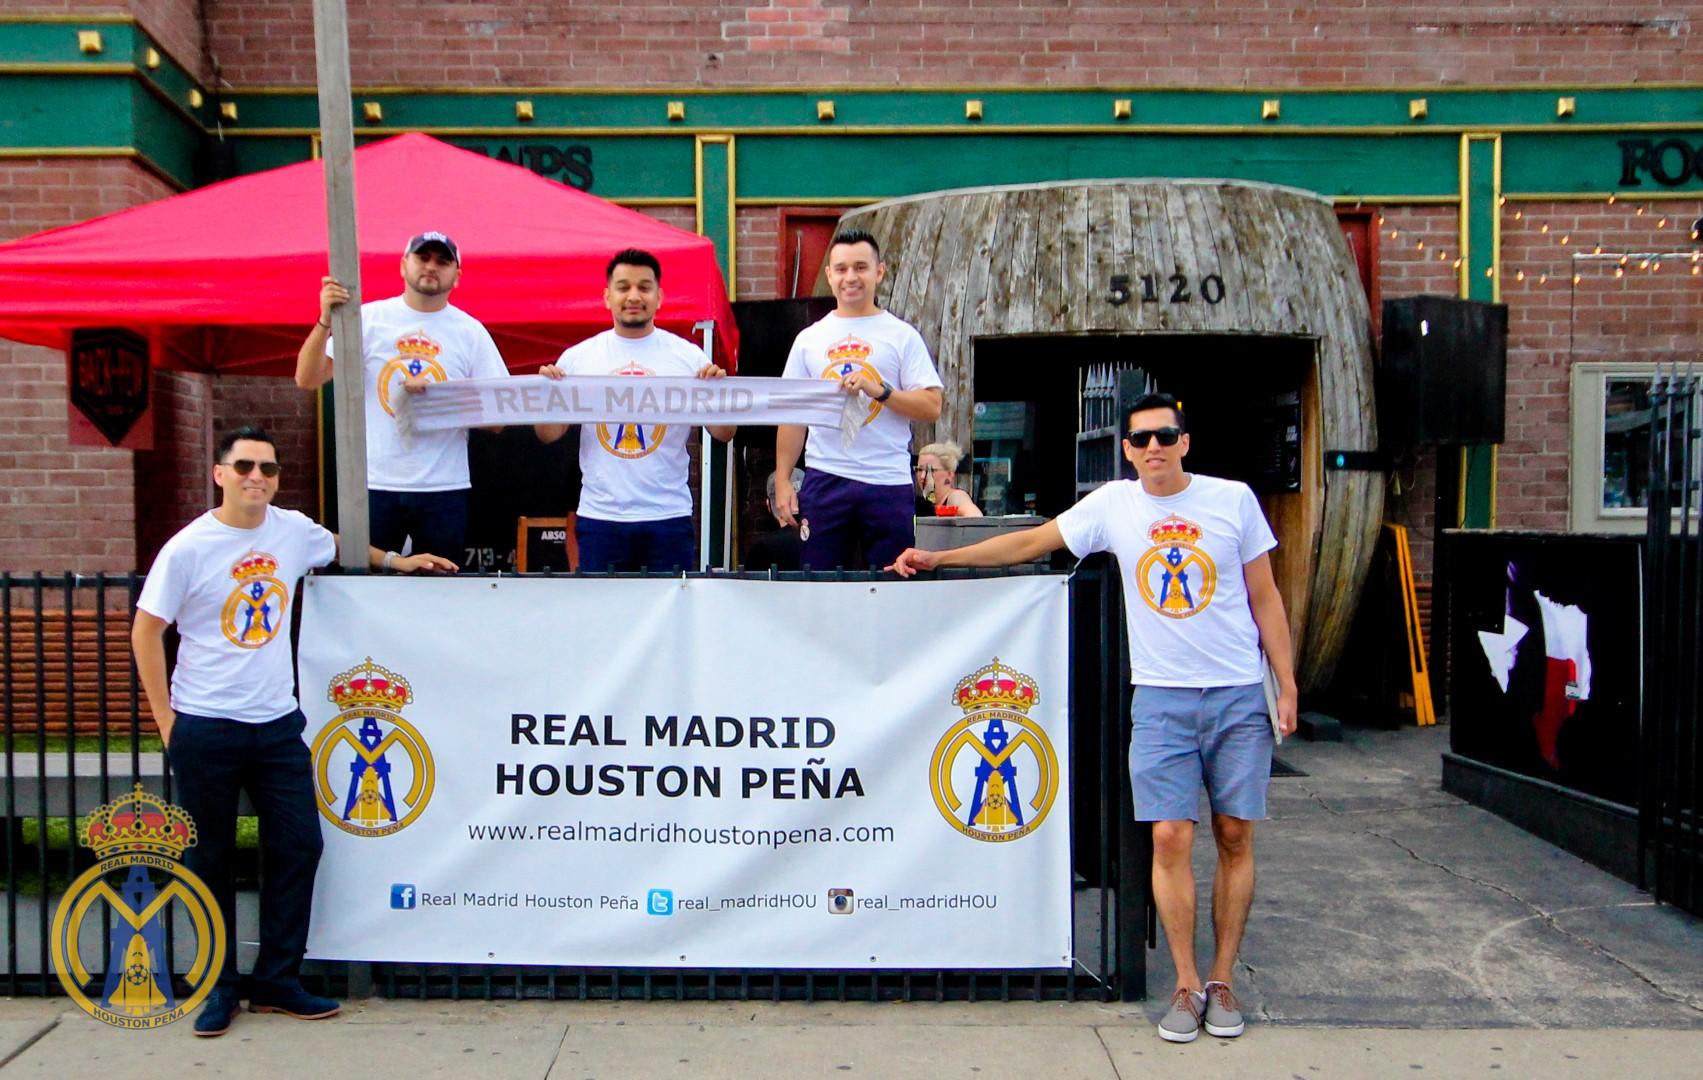 Real Madrid Houston Peña